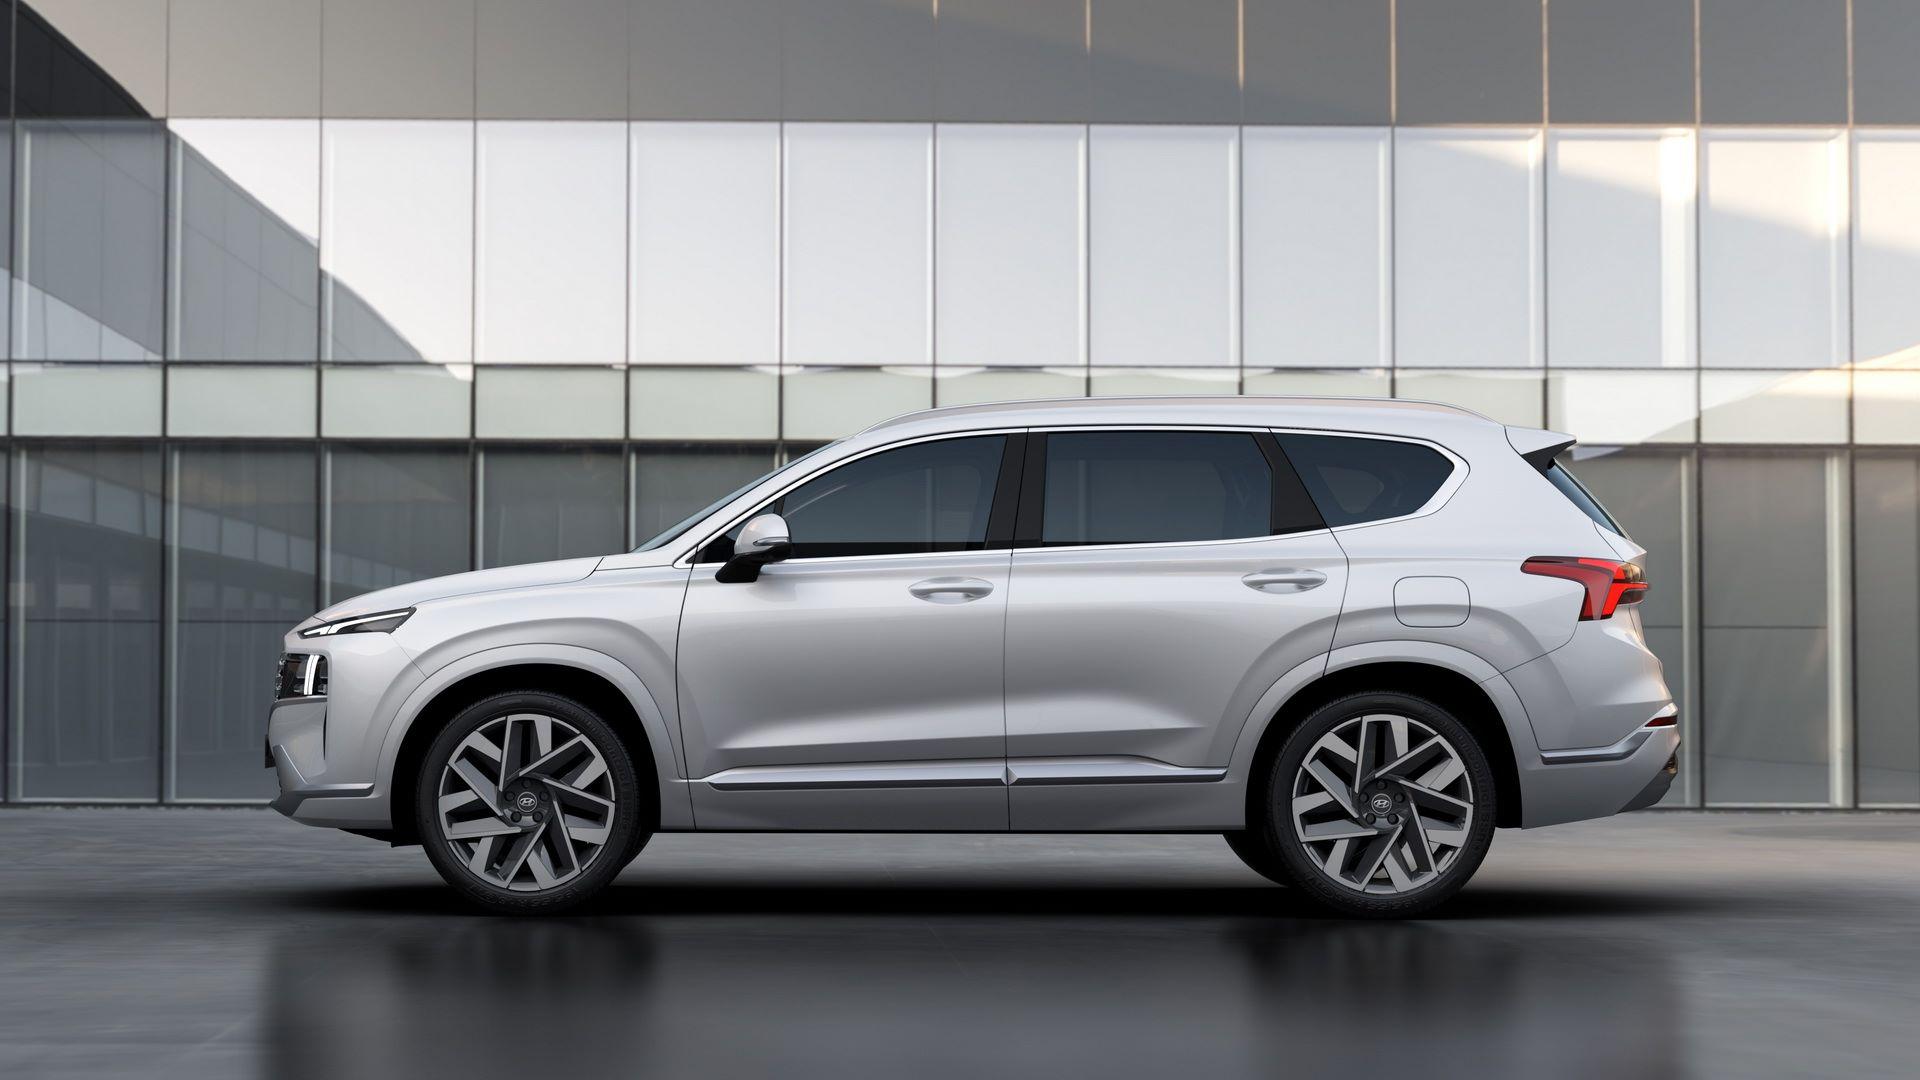 Hyundai-Santa-Fe-2020-6